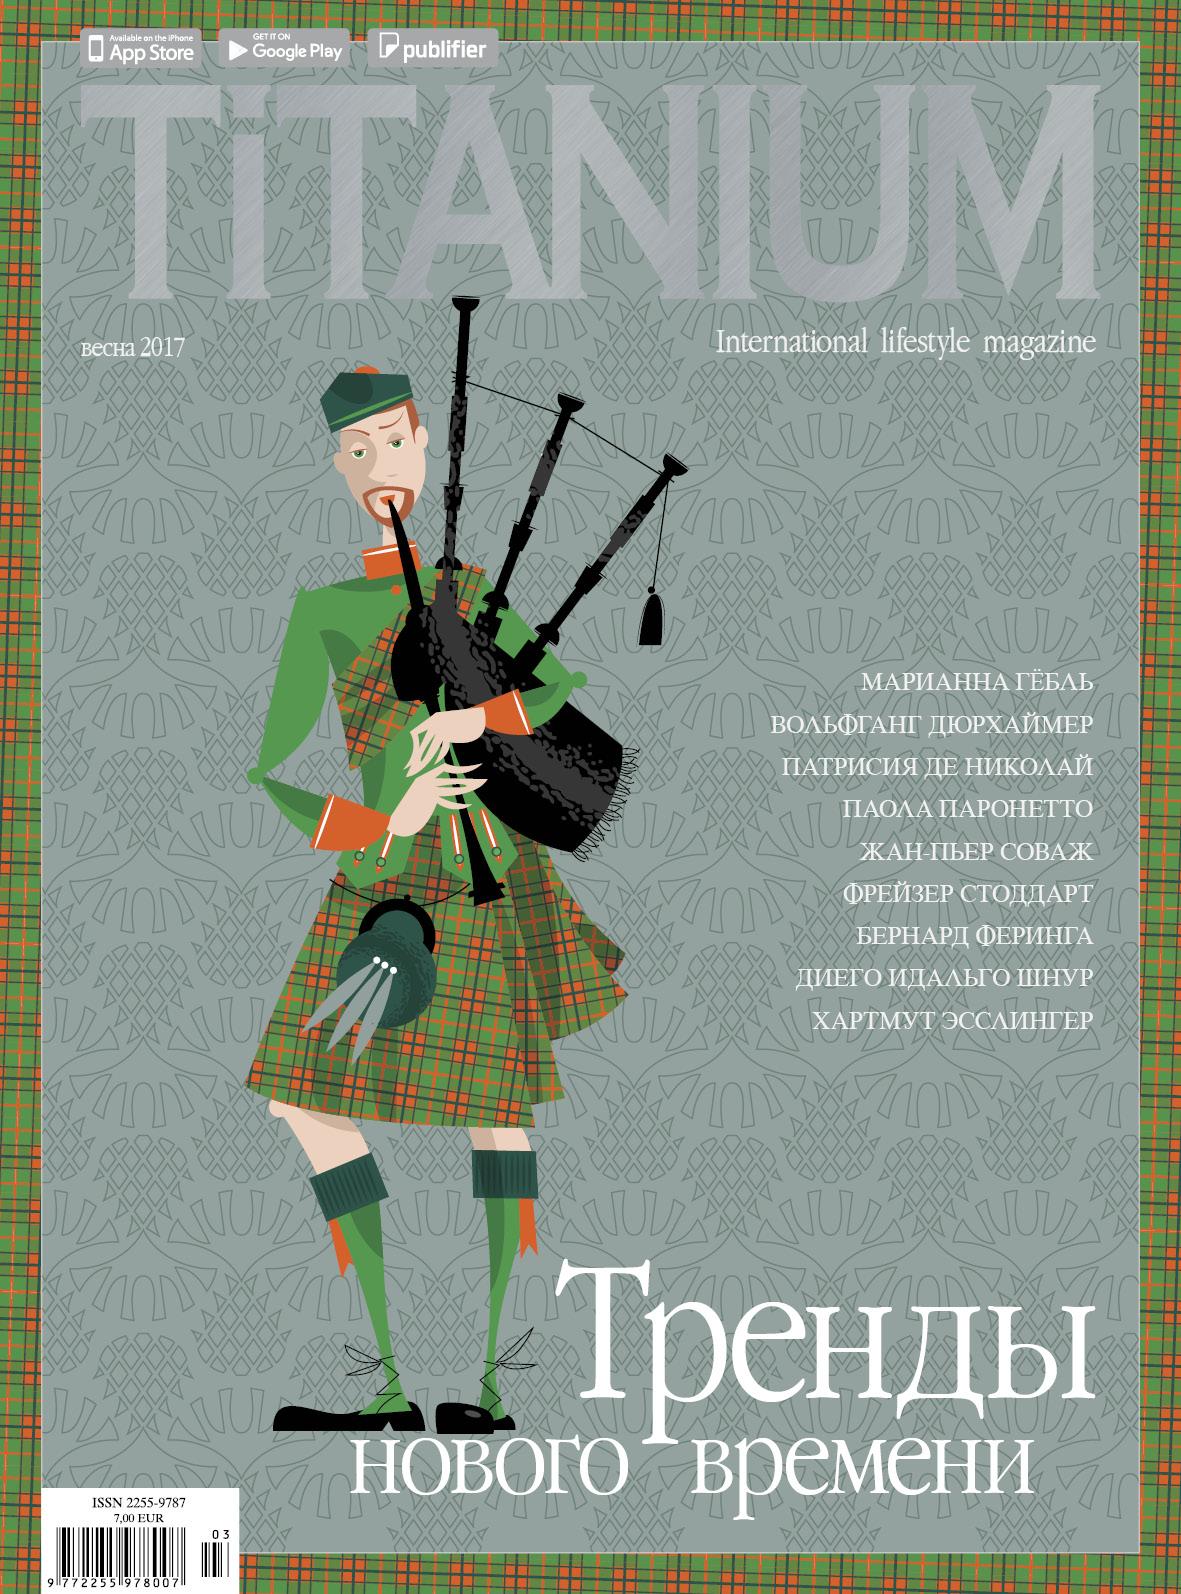 Titanium_cover_39